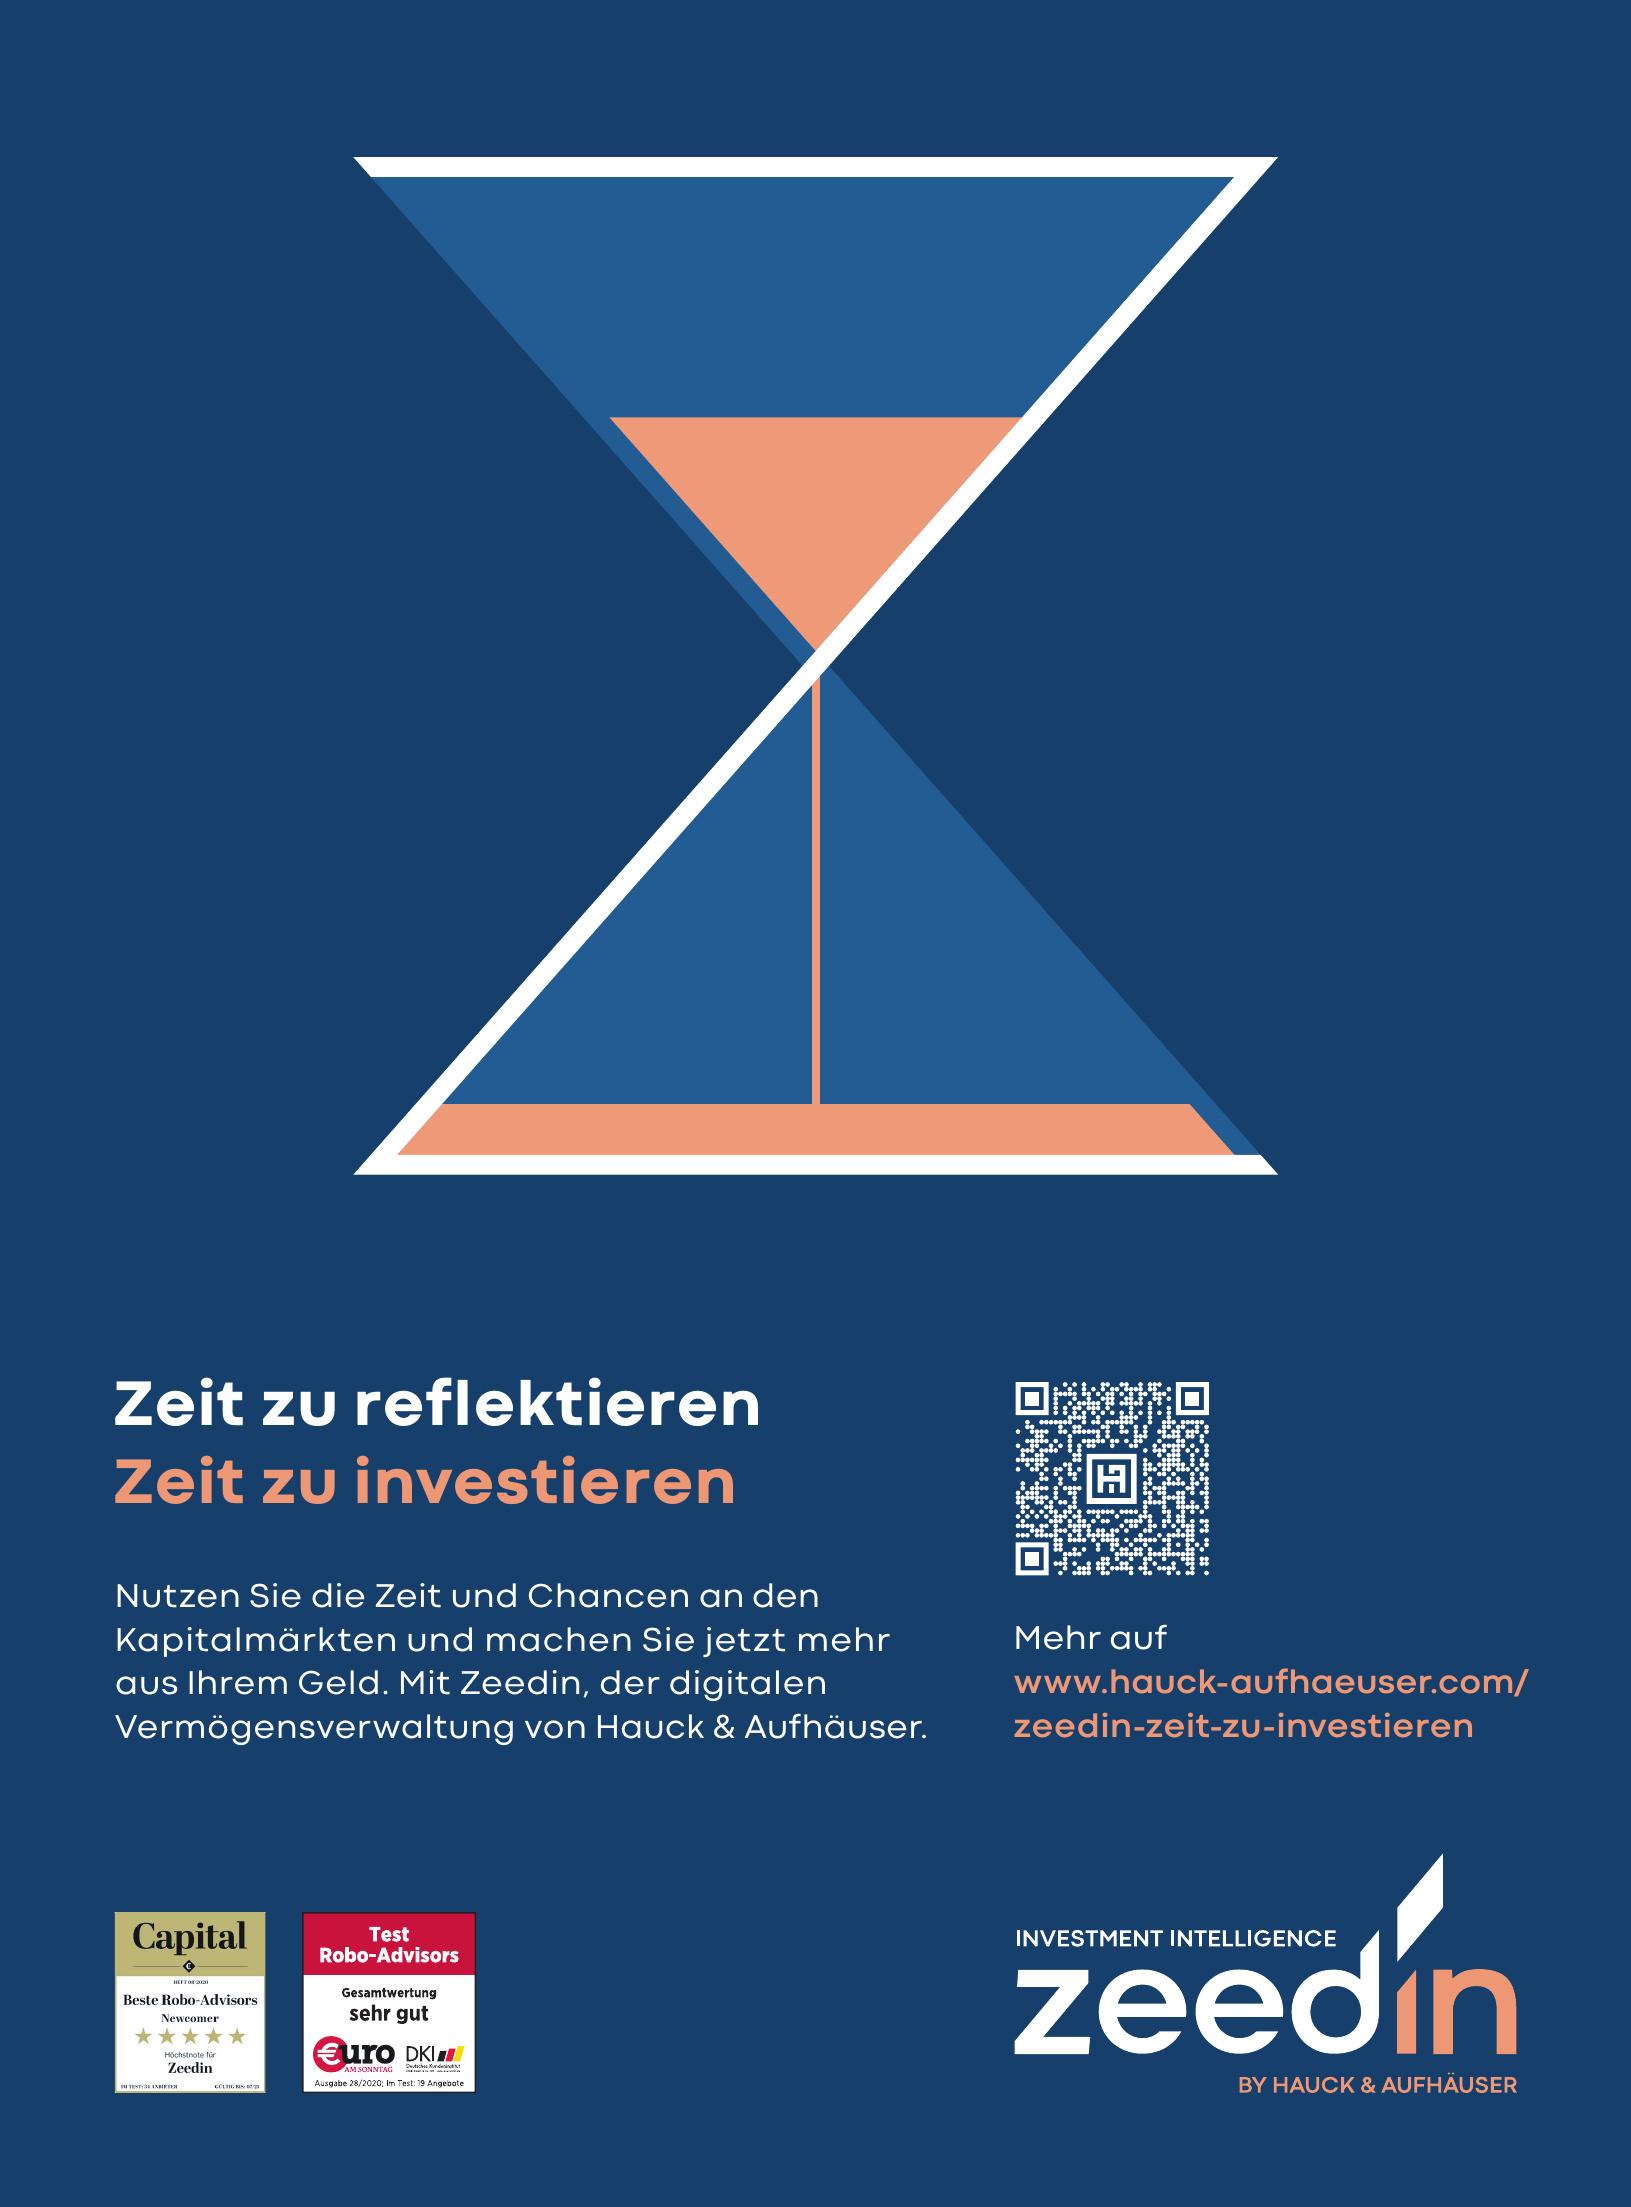 Zeedin - digitale Vermögensverwaltung von Hauck & Aufhäuser